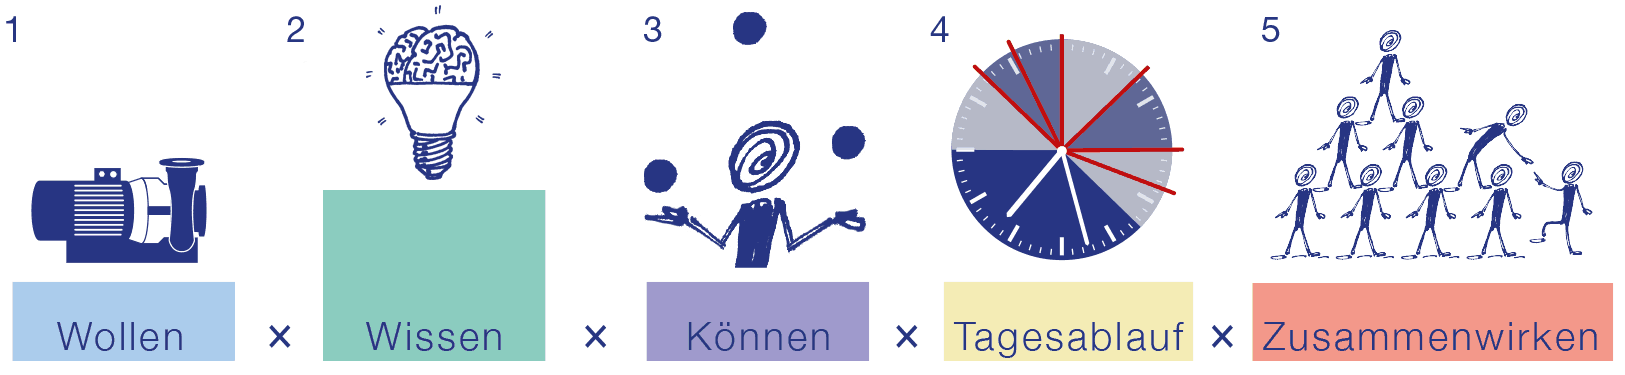 Produktivität Faktoren Bild